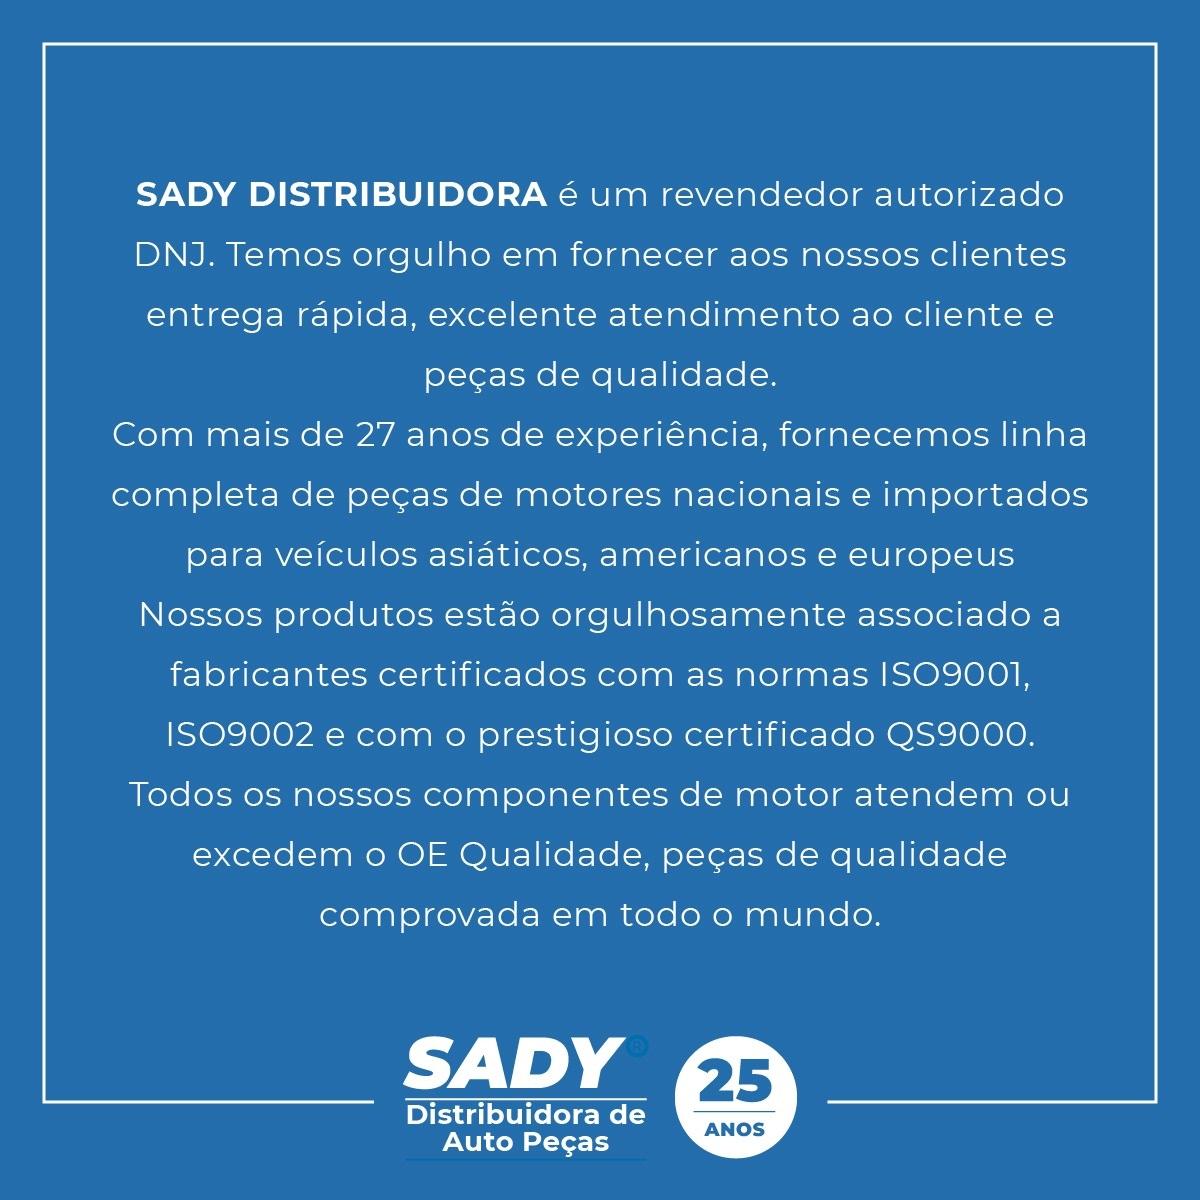 BOMBA DE OLEO DO MOTOR AUDI 2.0 16V